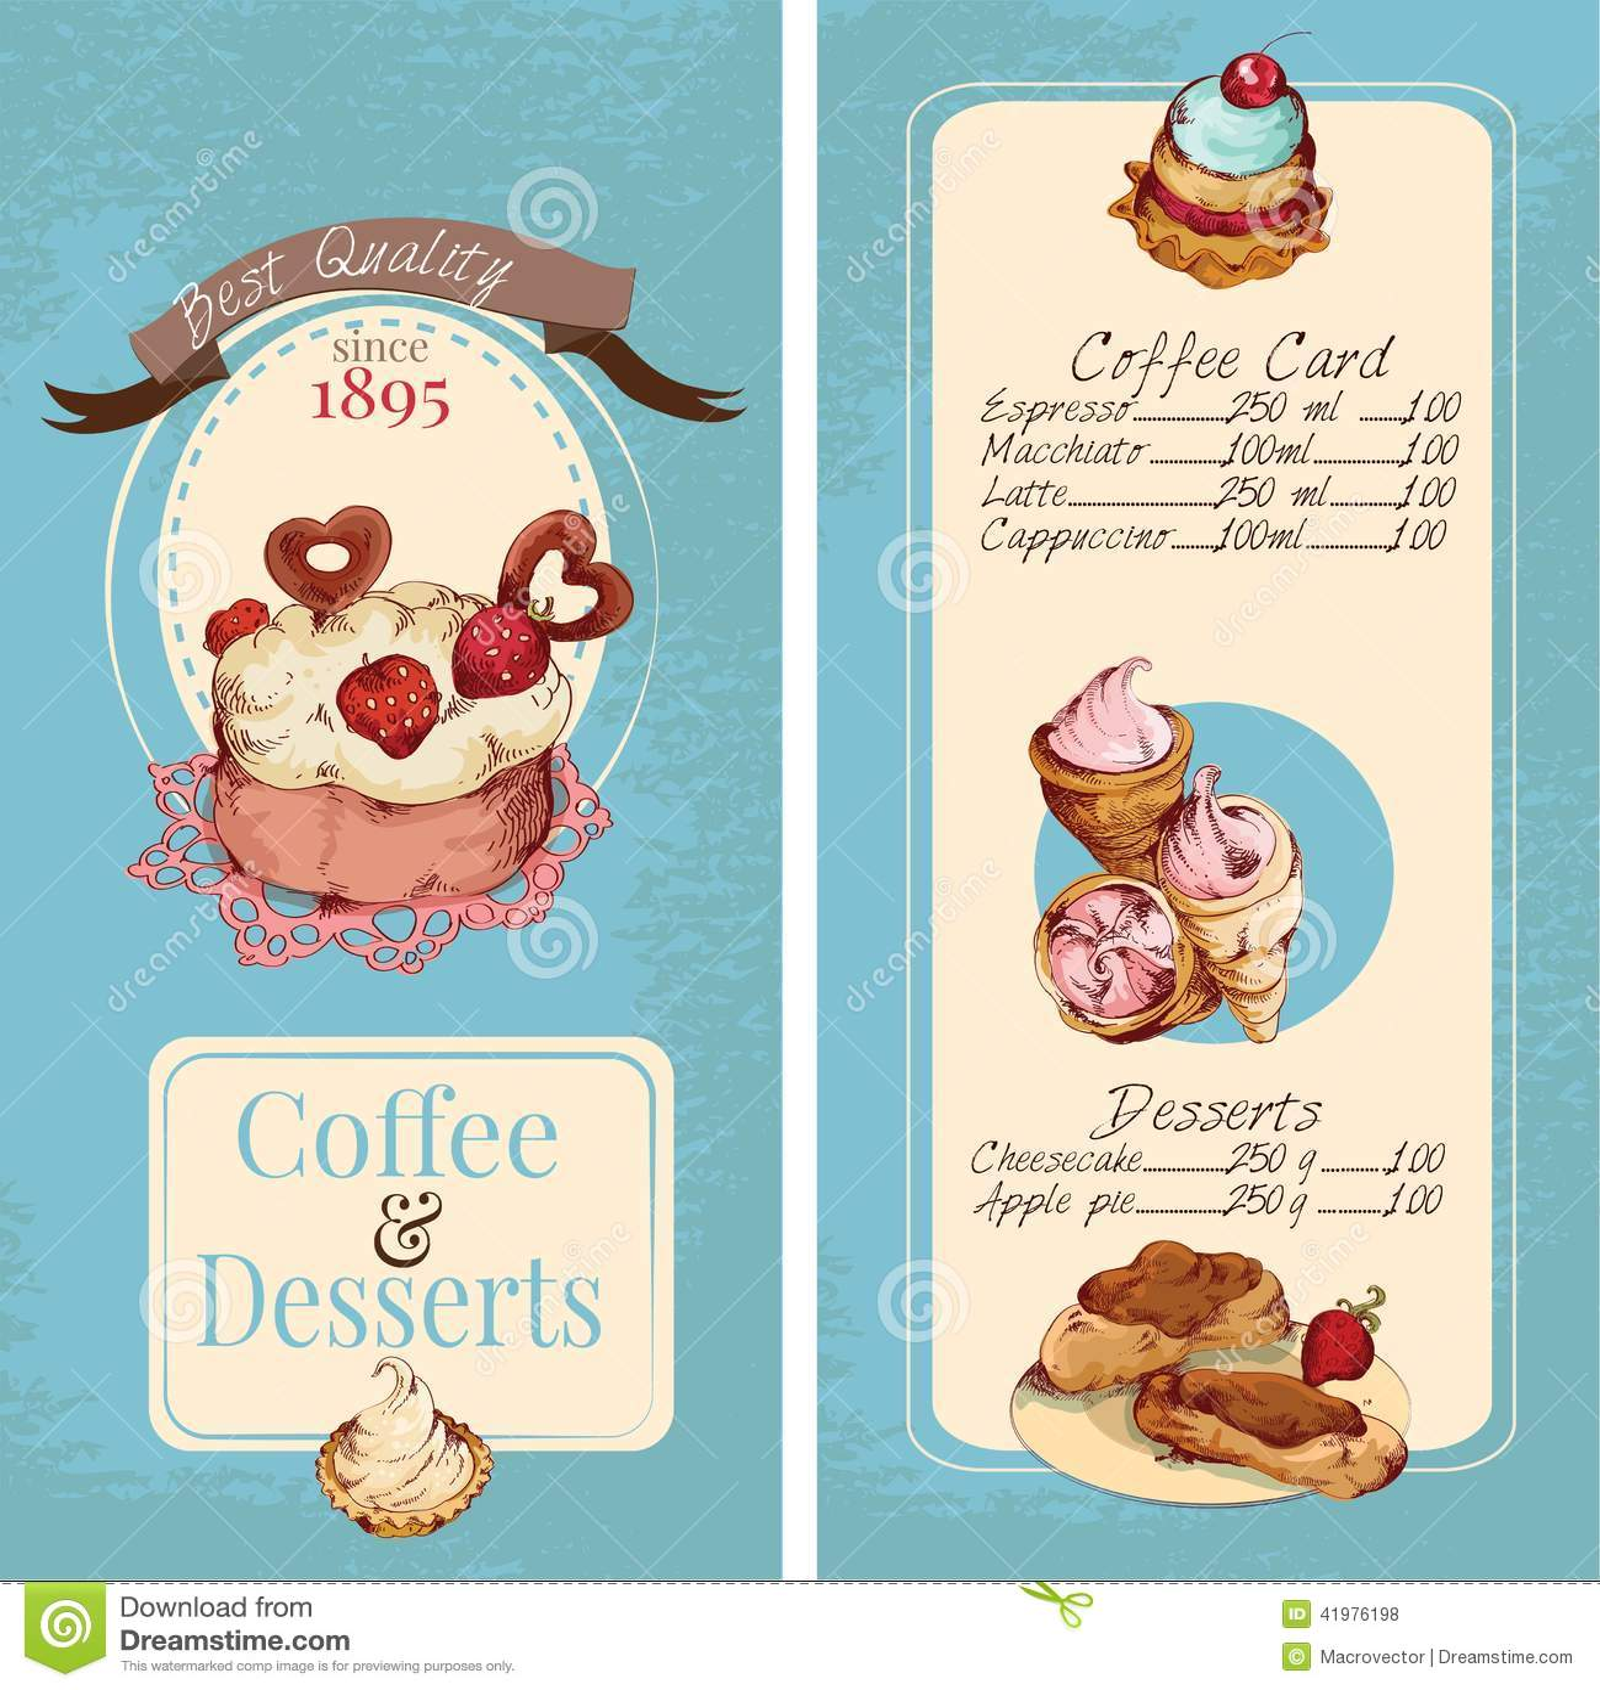 desserts menu template stock vector image 41976198. Black Bedroom Furniture Sets. Home Design Ideas